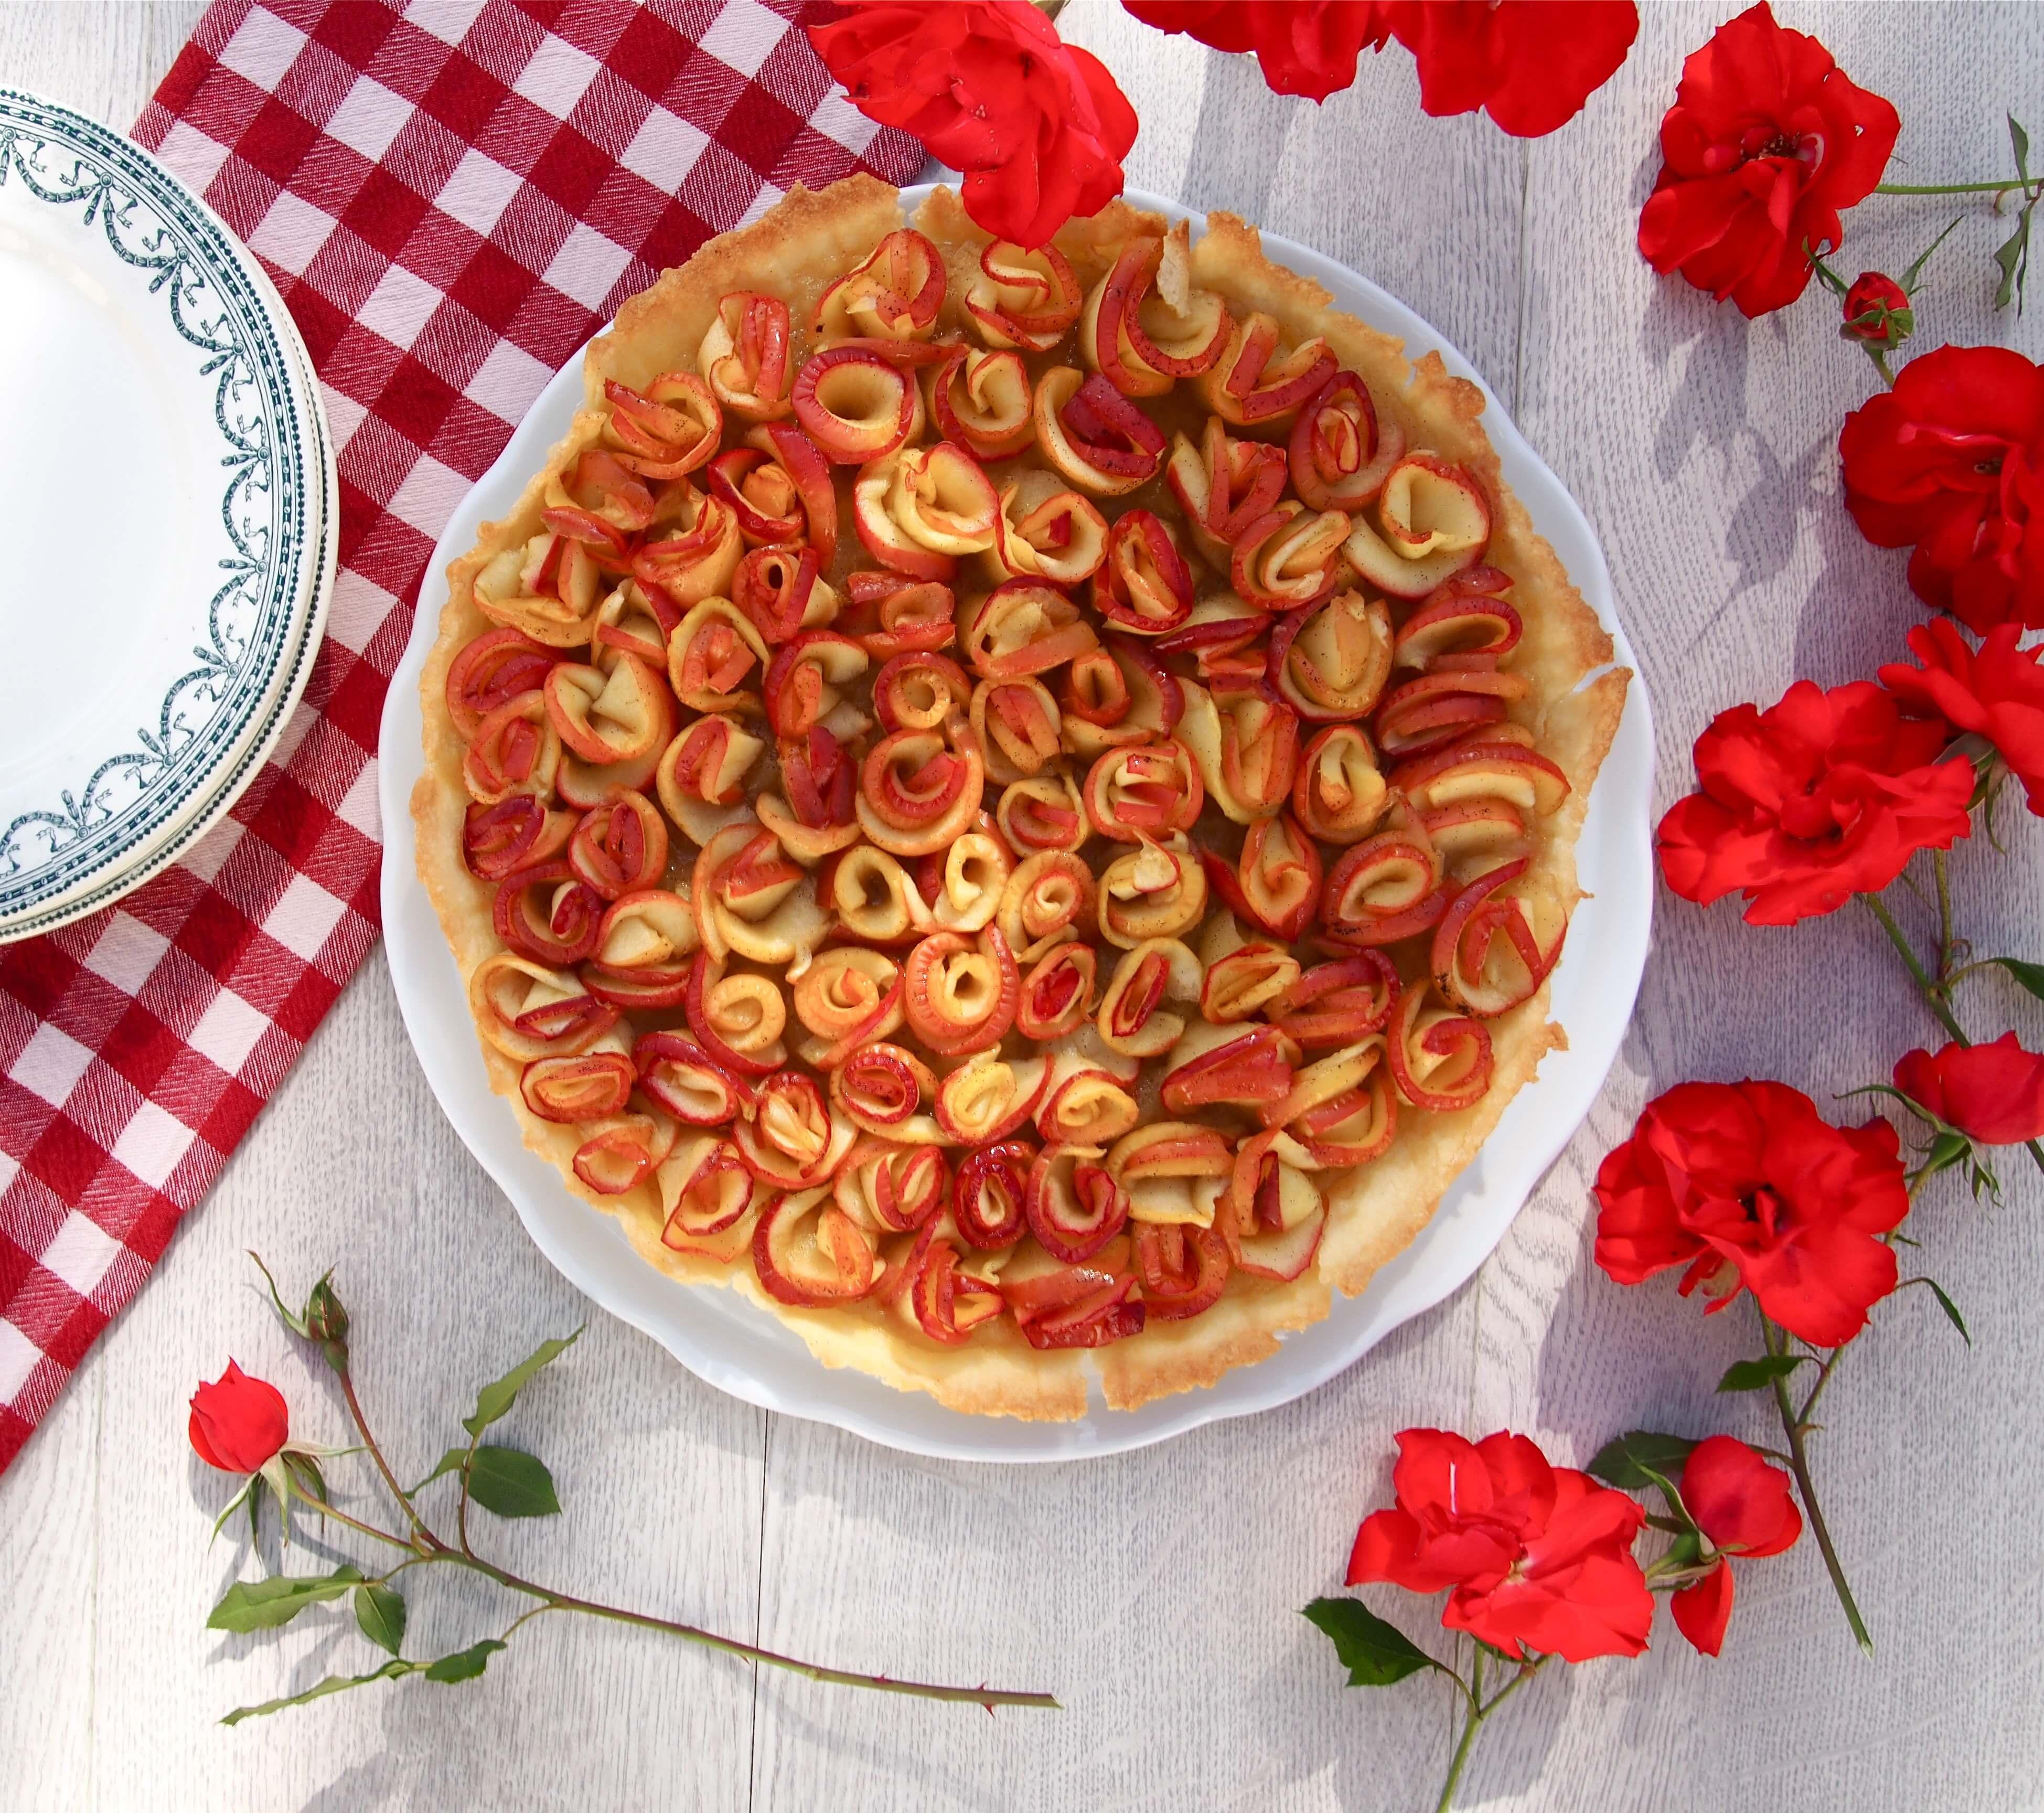 Recette tarte aux pommes en forme de roses L'atelier d'al blog mode voyage food